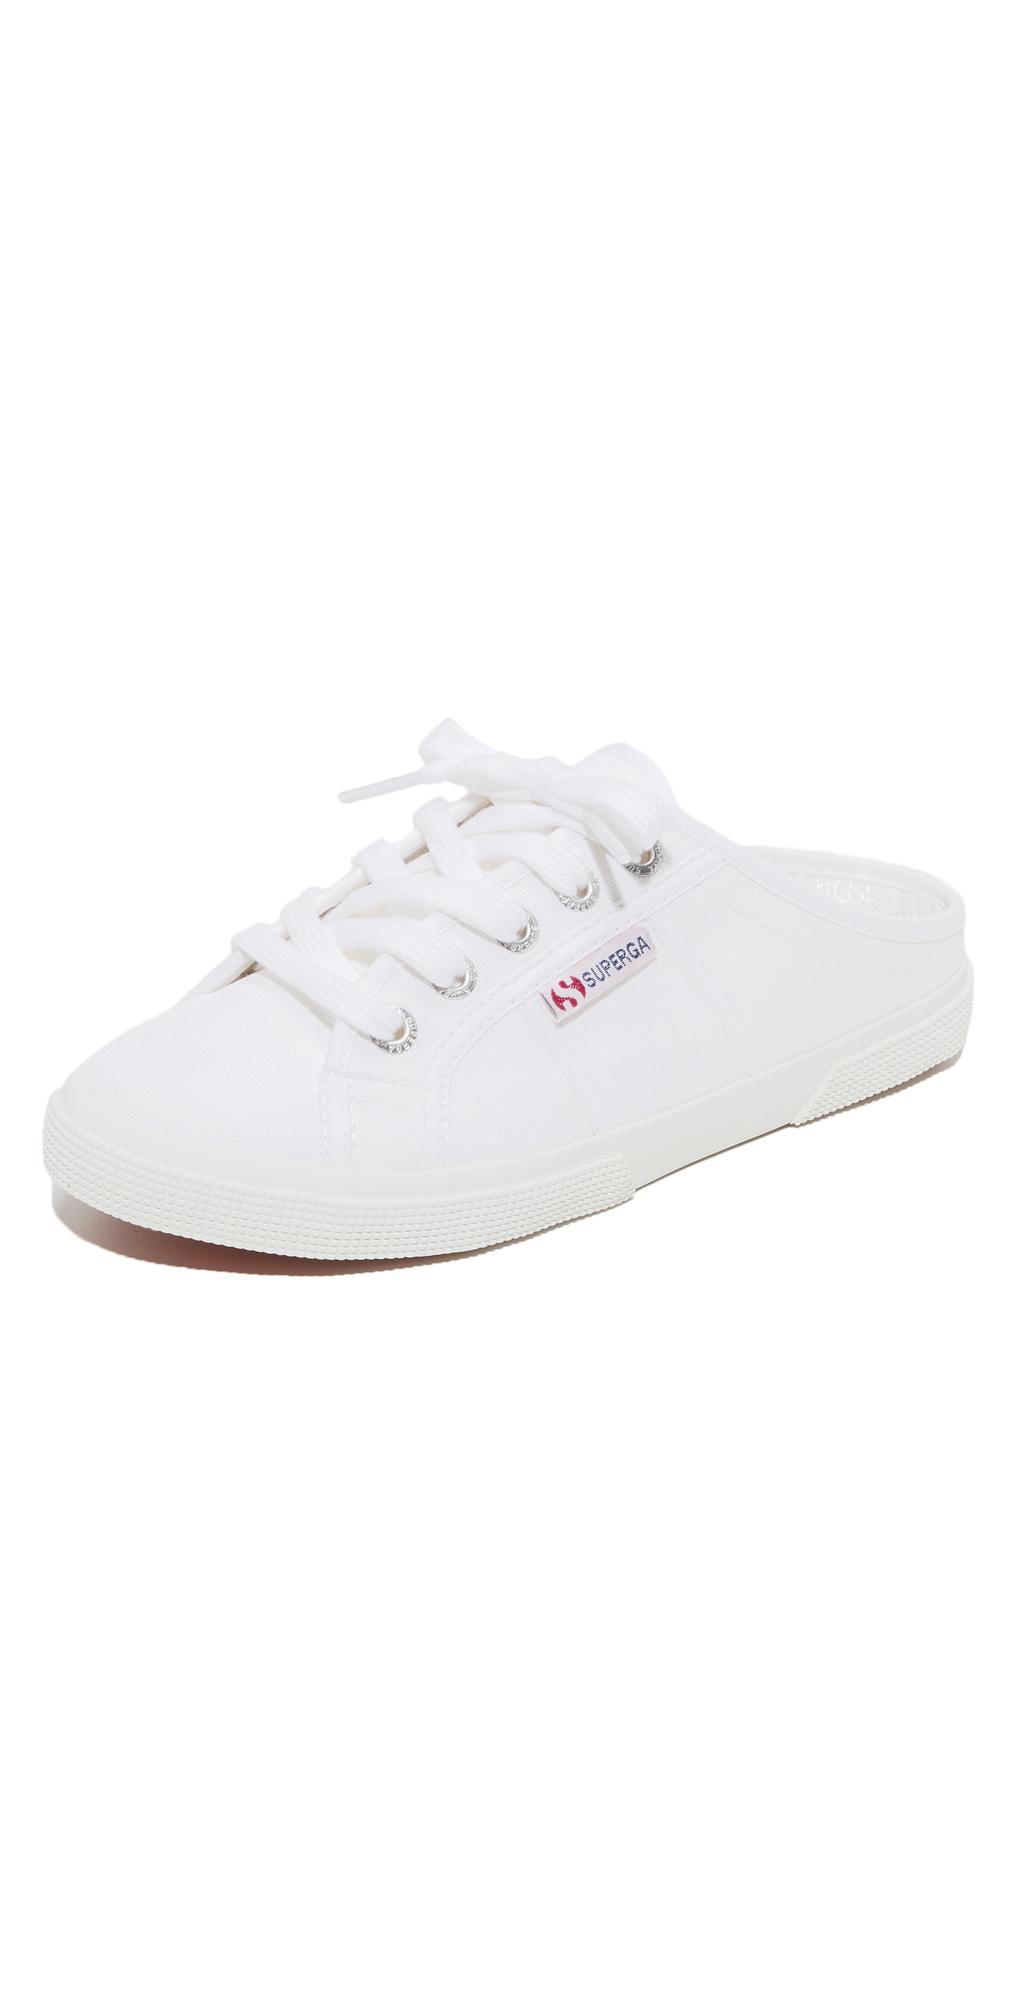 2288 Mule Sneakers Superga